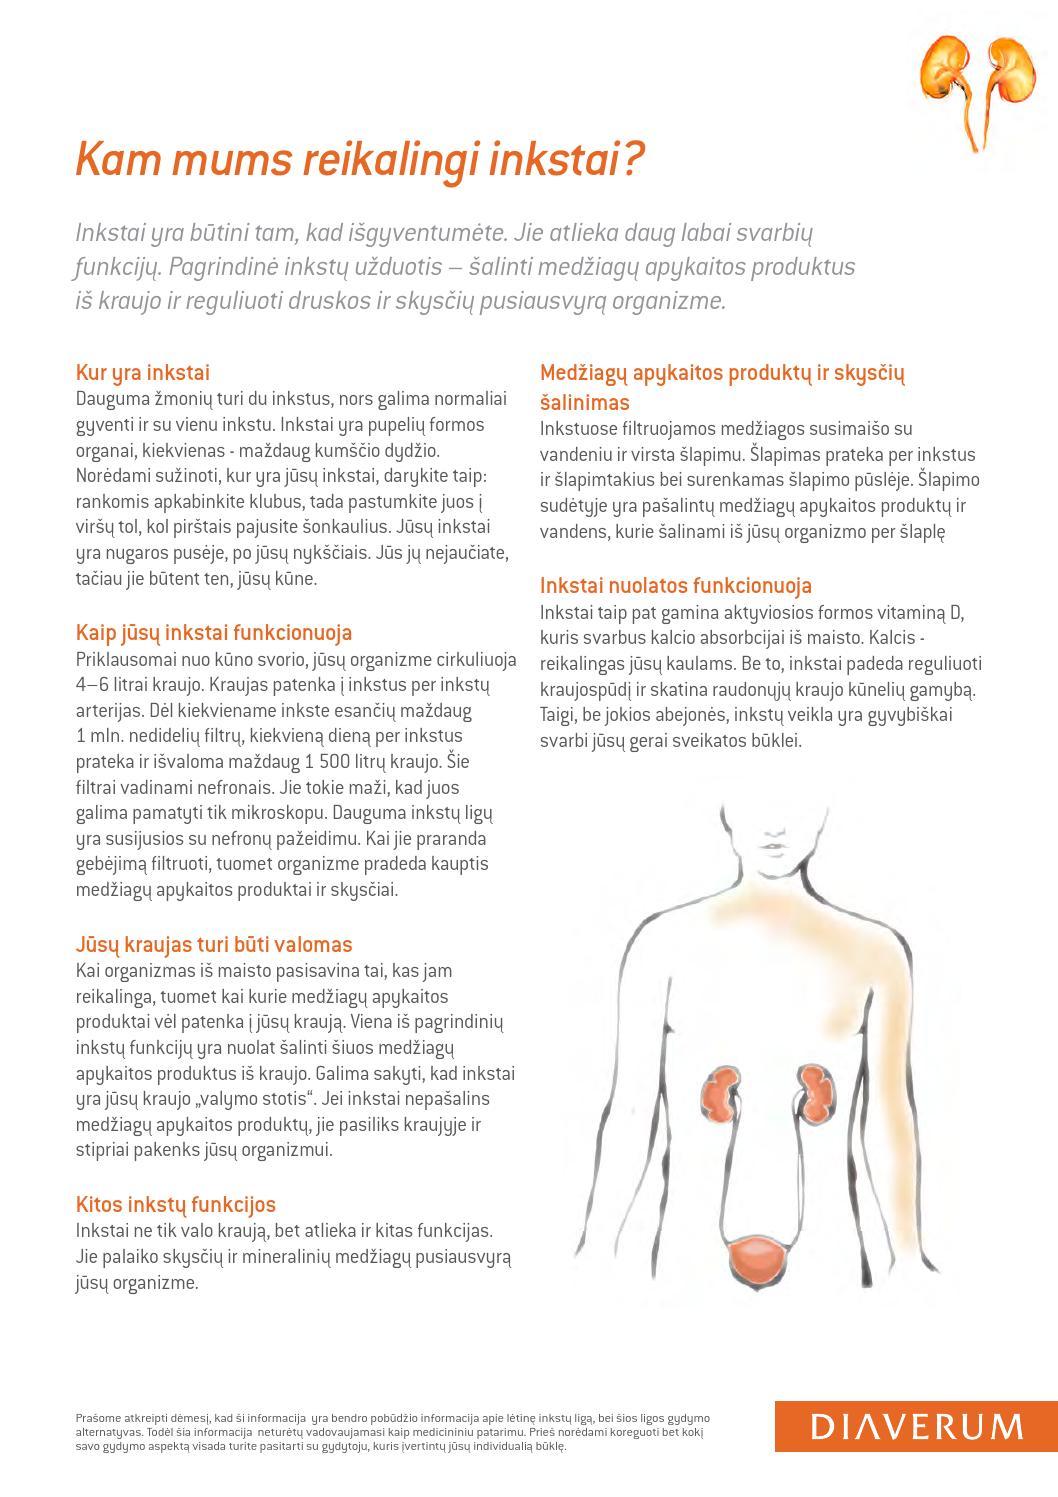 Kardiologinės nefrologinių pacientų problemos